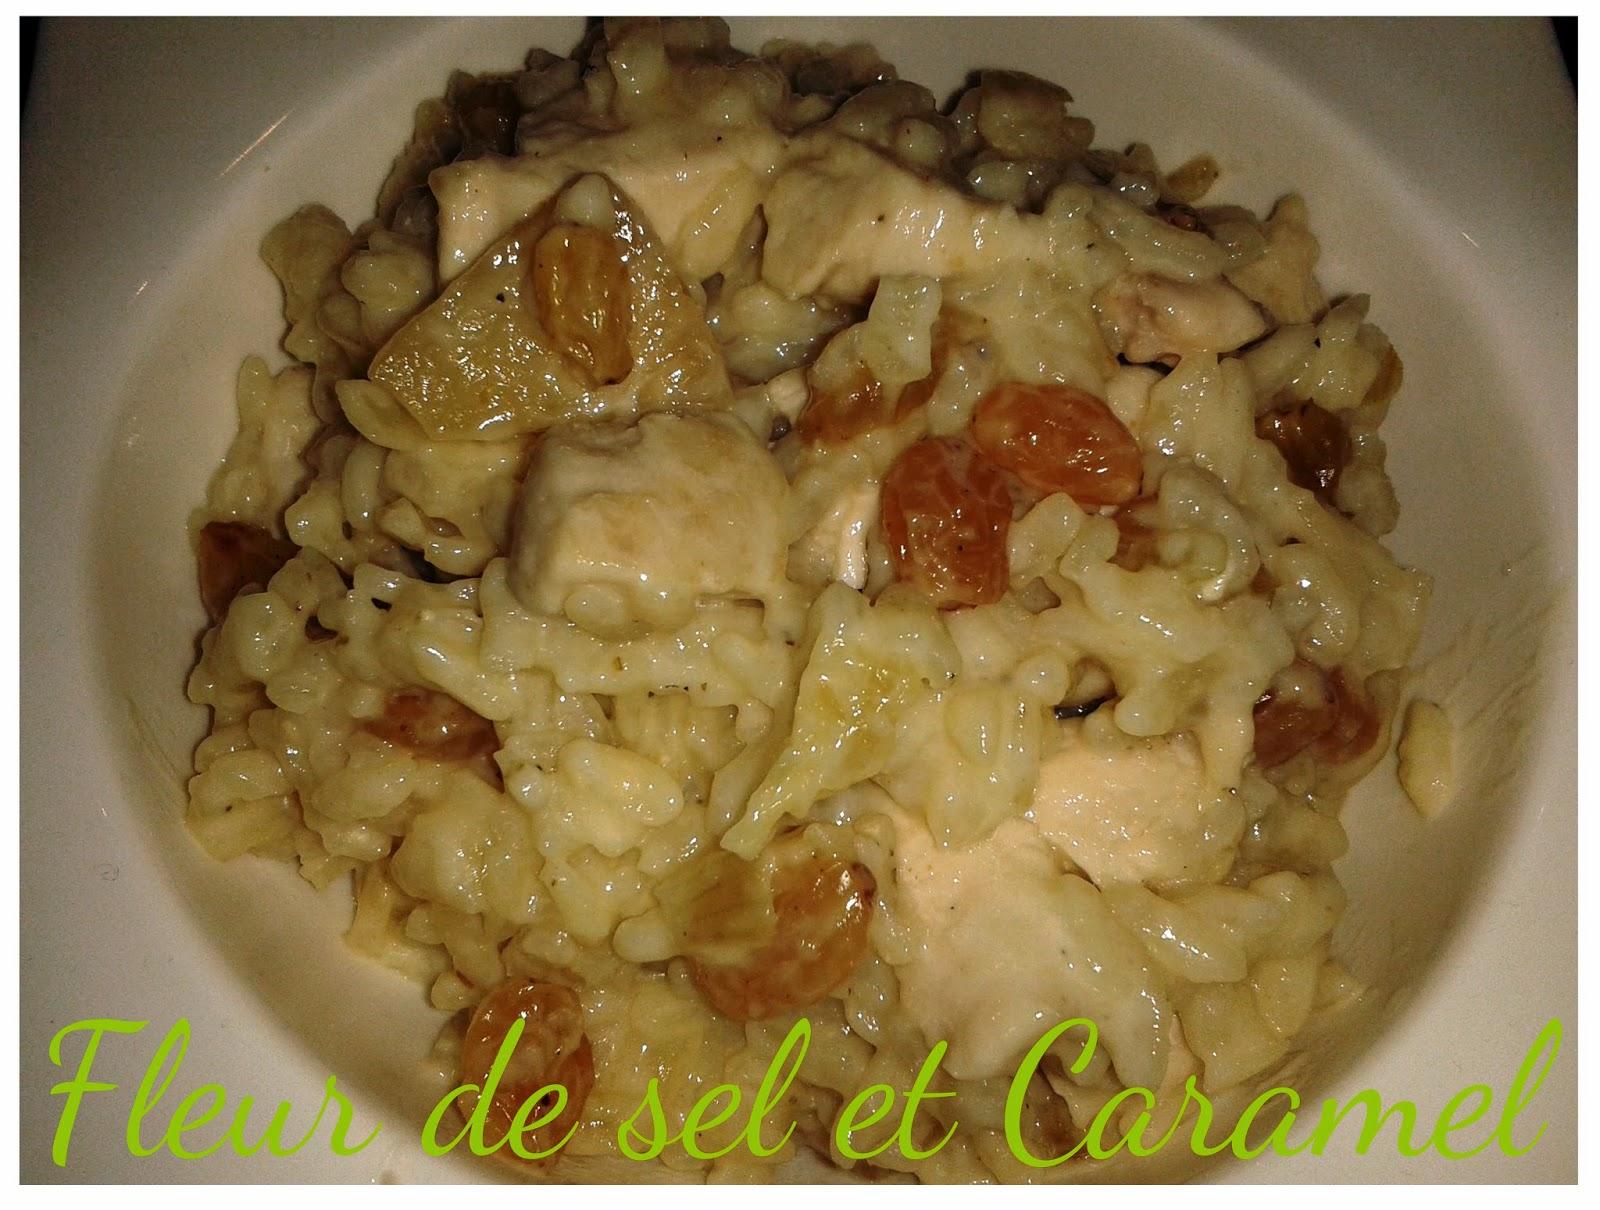 Ronde des blogs d'hiver - Risotto poulet et ananas